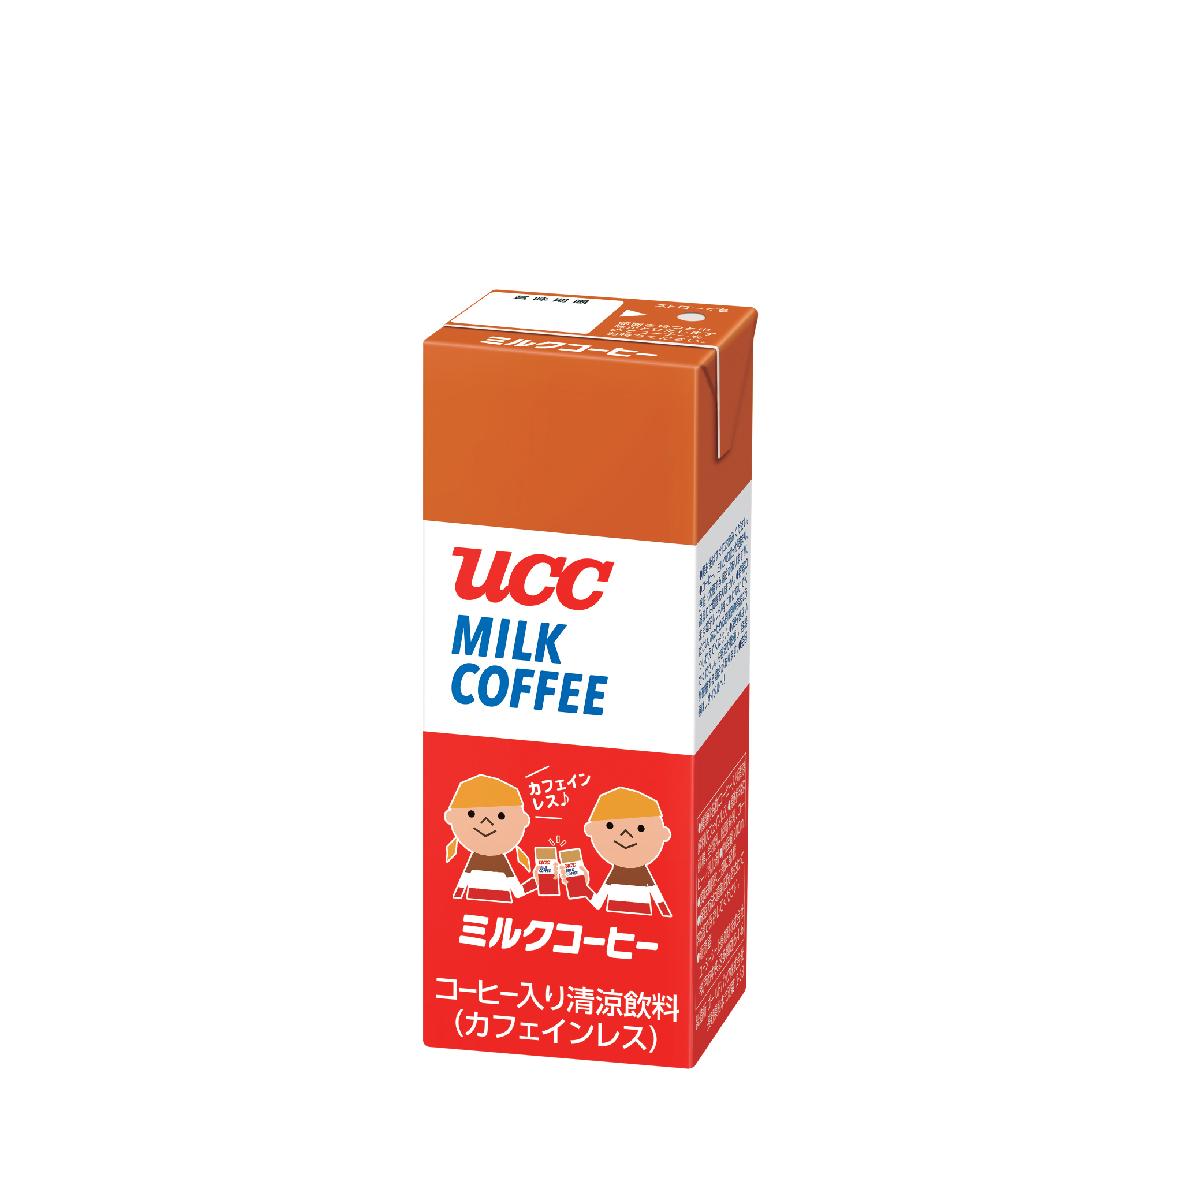 UCC Milk Coffee Pack